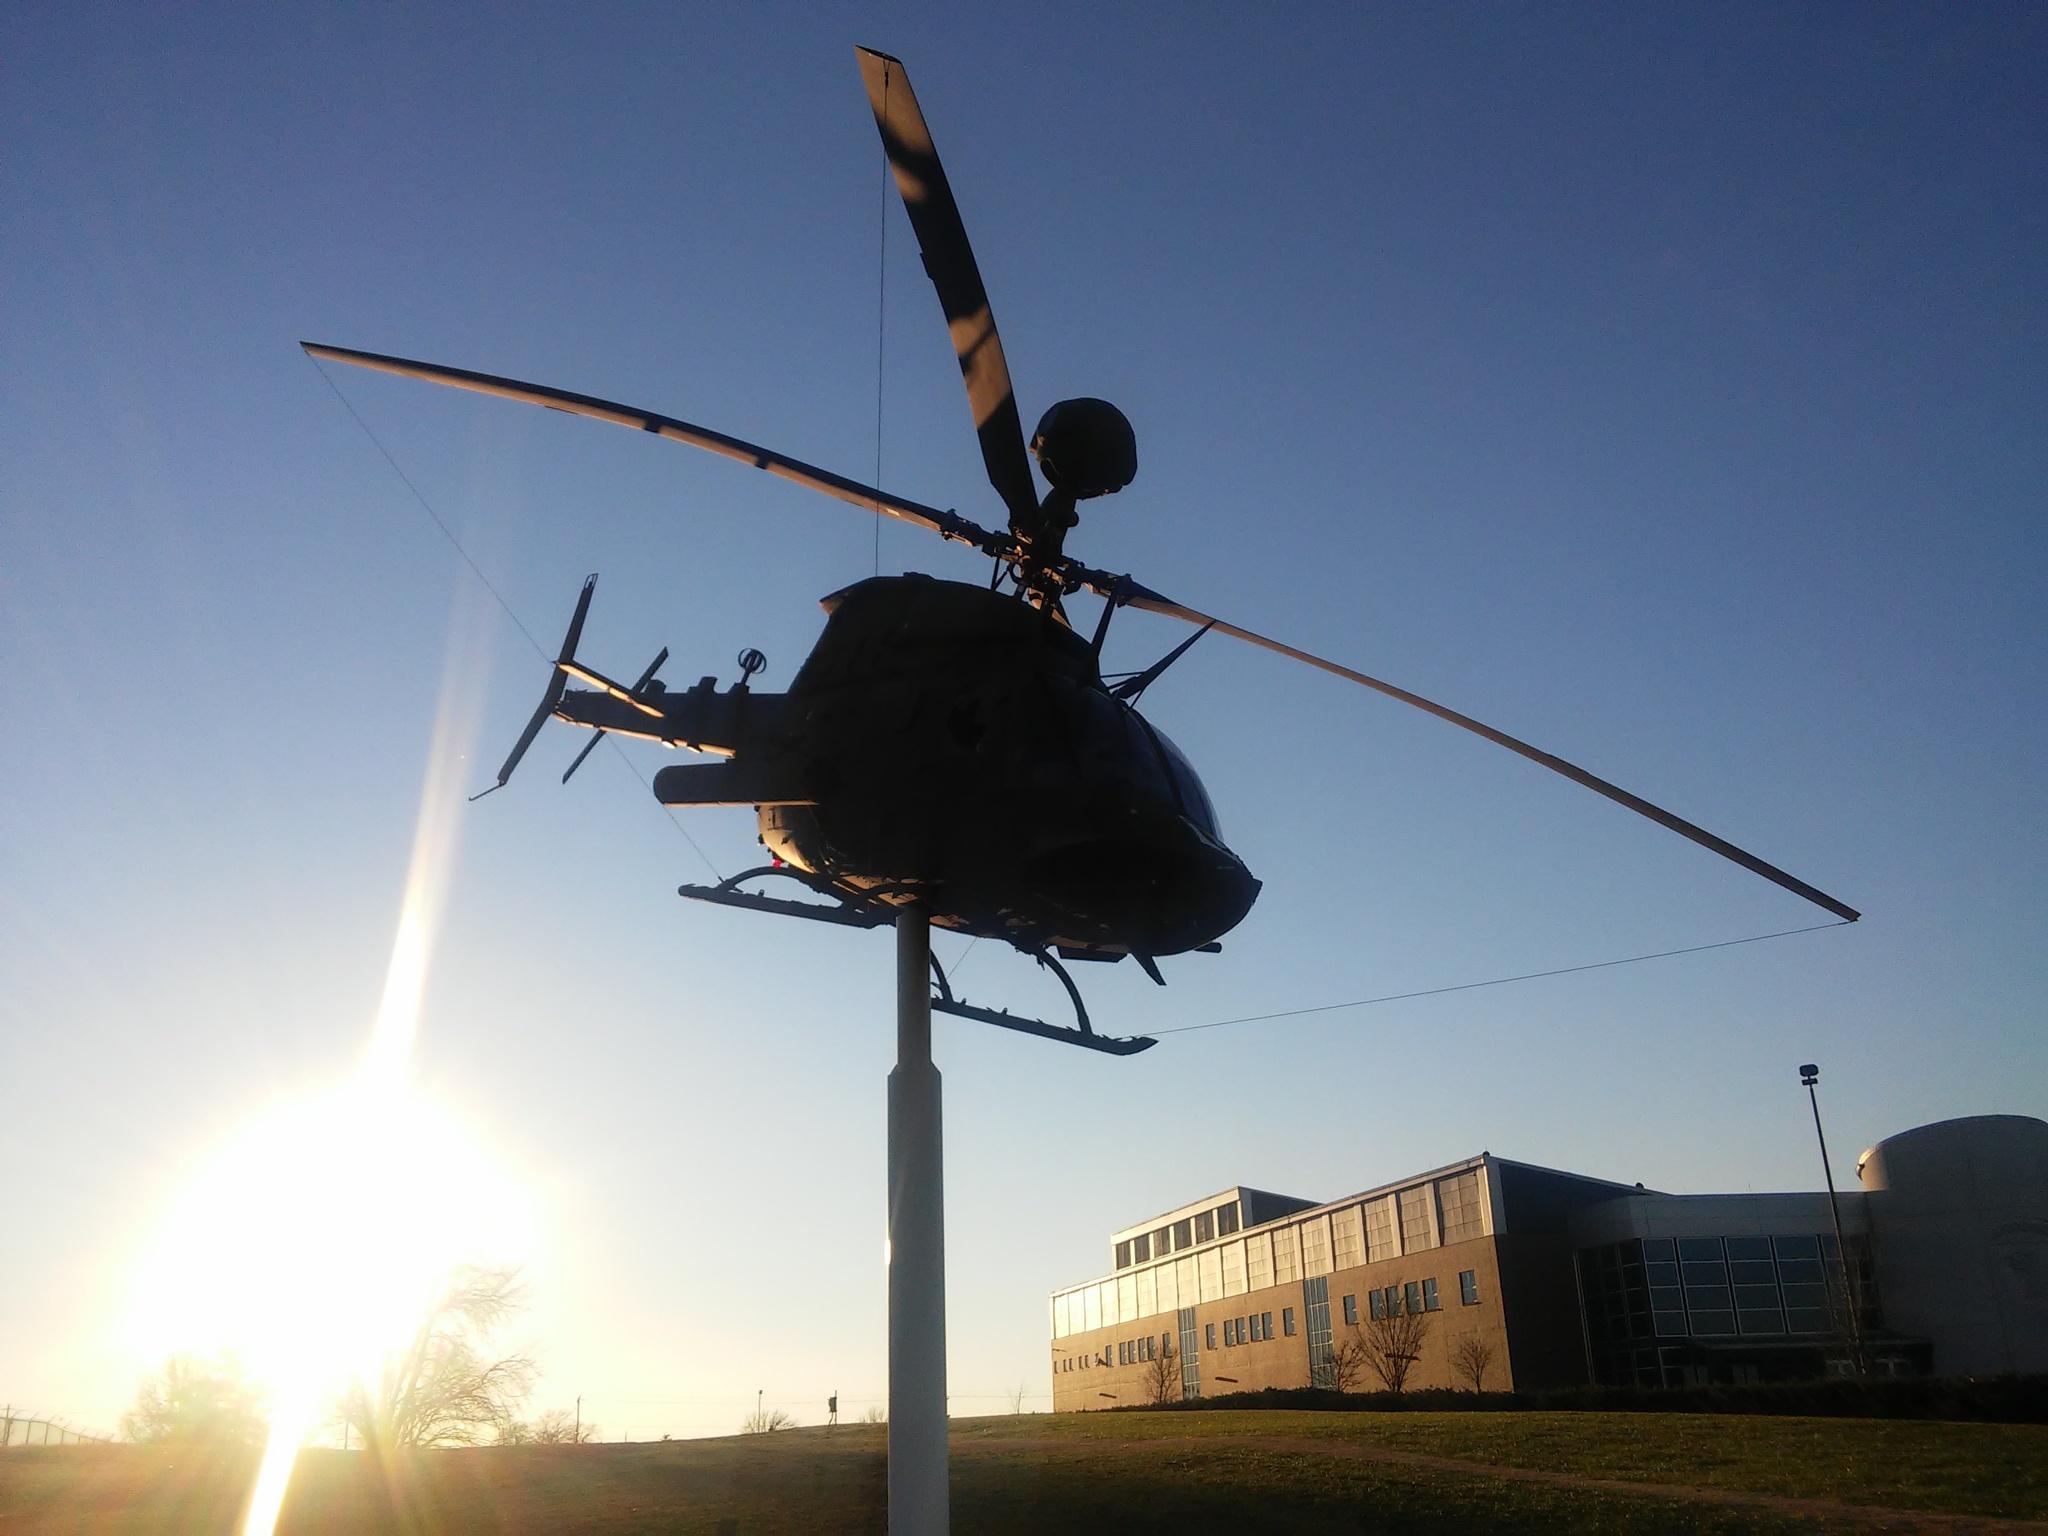 OH-58D Kiowa Warrior by Michael Glaze, Jr.